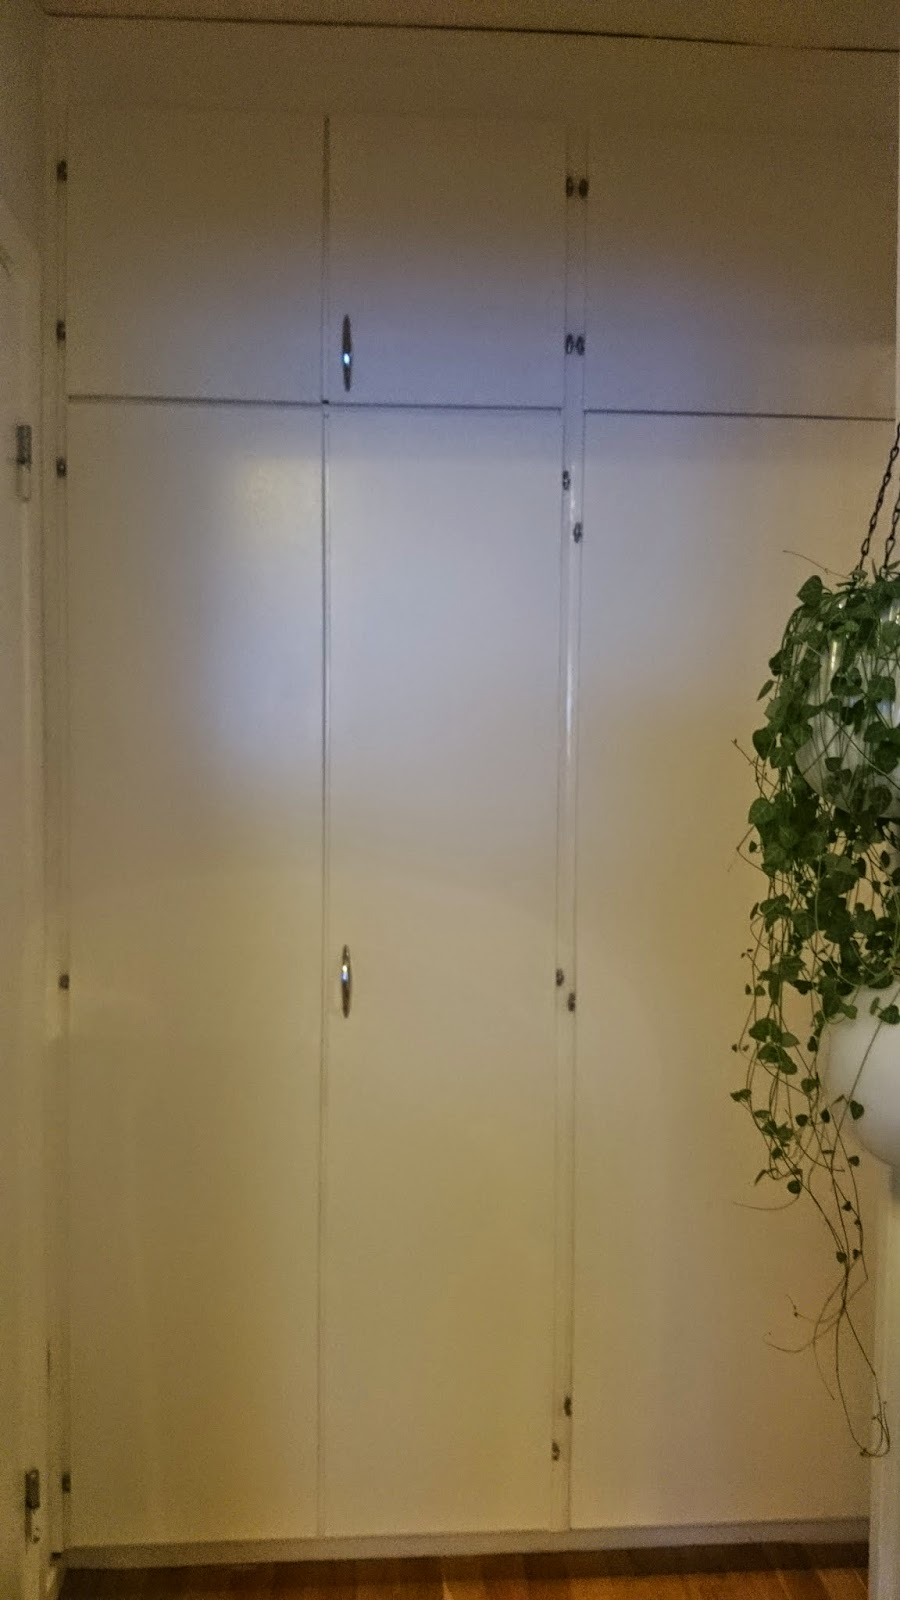 Släng dig i väggen, Ernst!: Måla garderobsdörrar, del 2